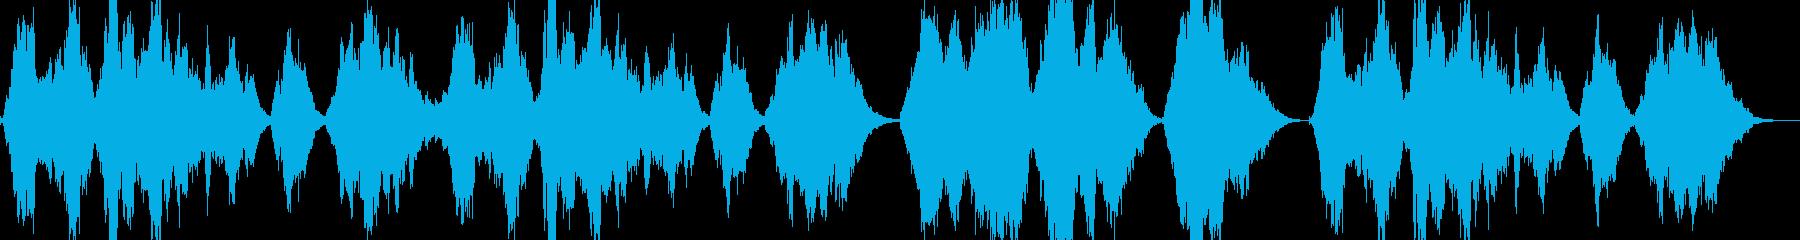 終幕の再生済みの波形